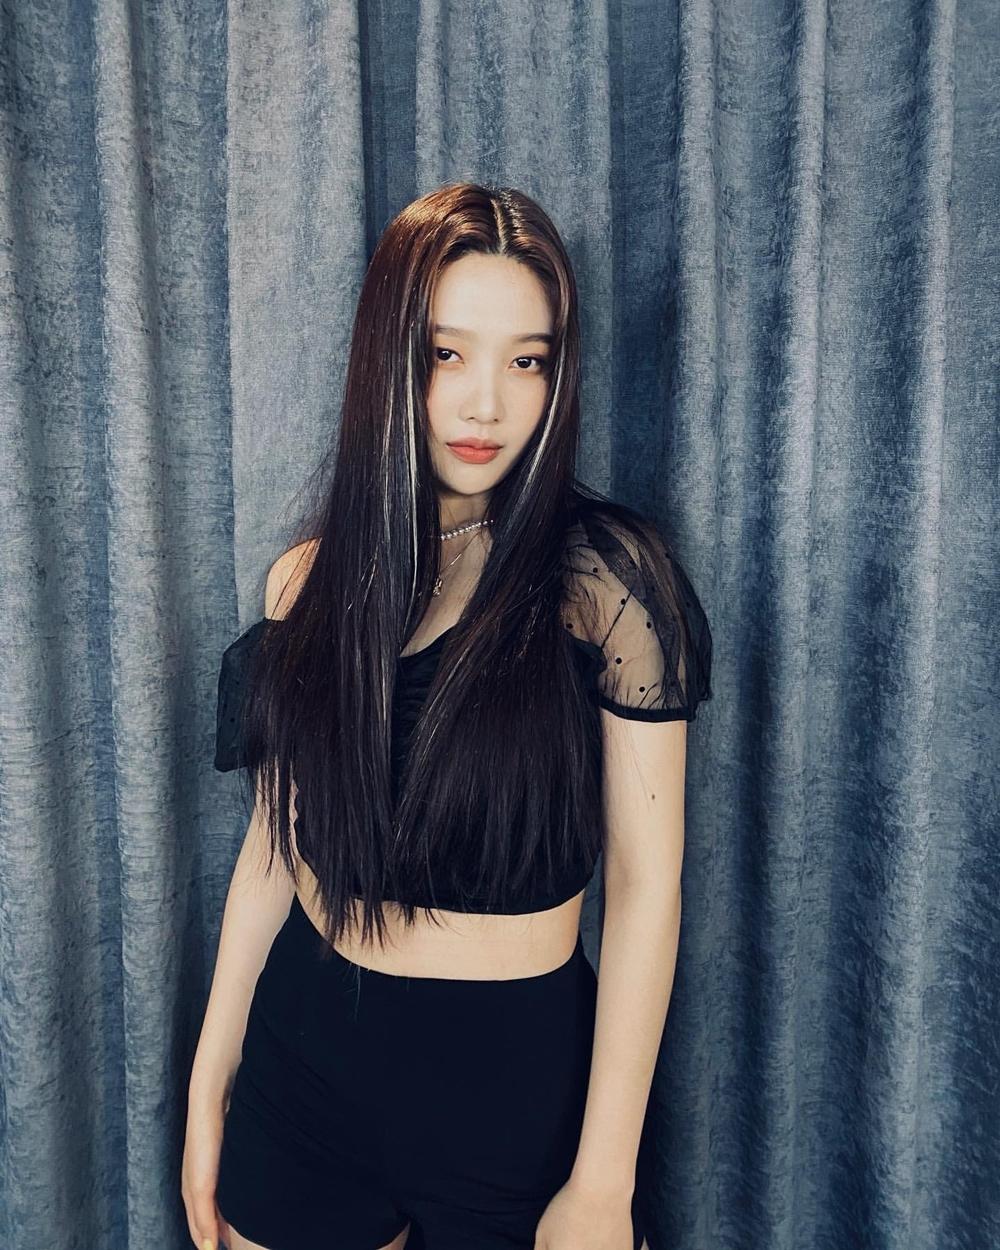 Joy là thành viên có nhiều hoạt động nổi bật nhất Red Velvet trong nửa đầu 2020. Cô nàng gây chú ý khi tham gia show Handsome Tigers, đọc thông báo trên tàu điện ngầm, hợp tác trong ca khúc Mayday cùng Crush và đóng quảng cáo cho một số thương hiệu mỹ phẩm.